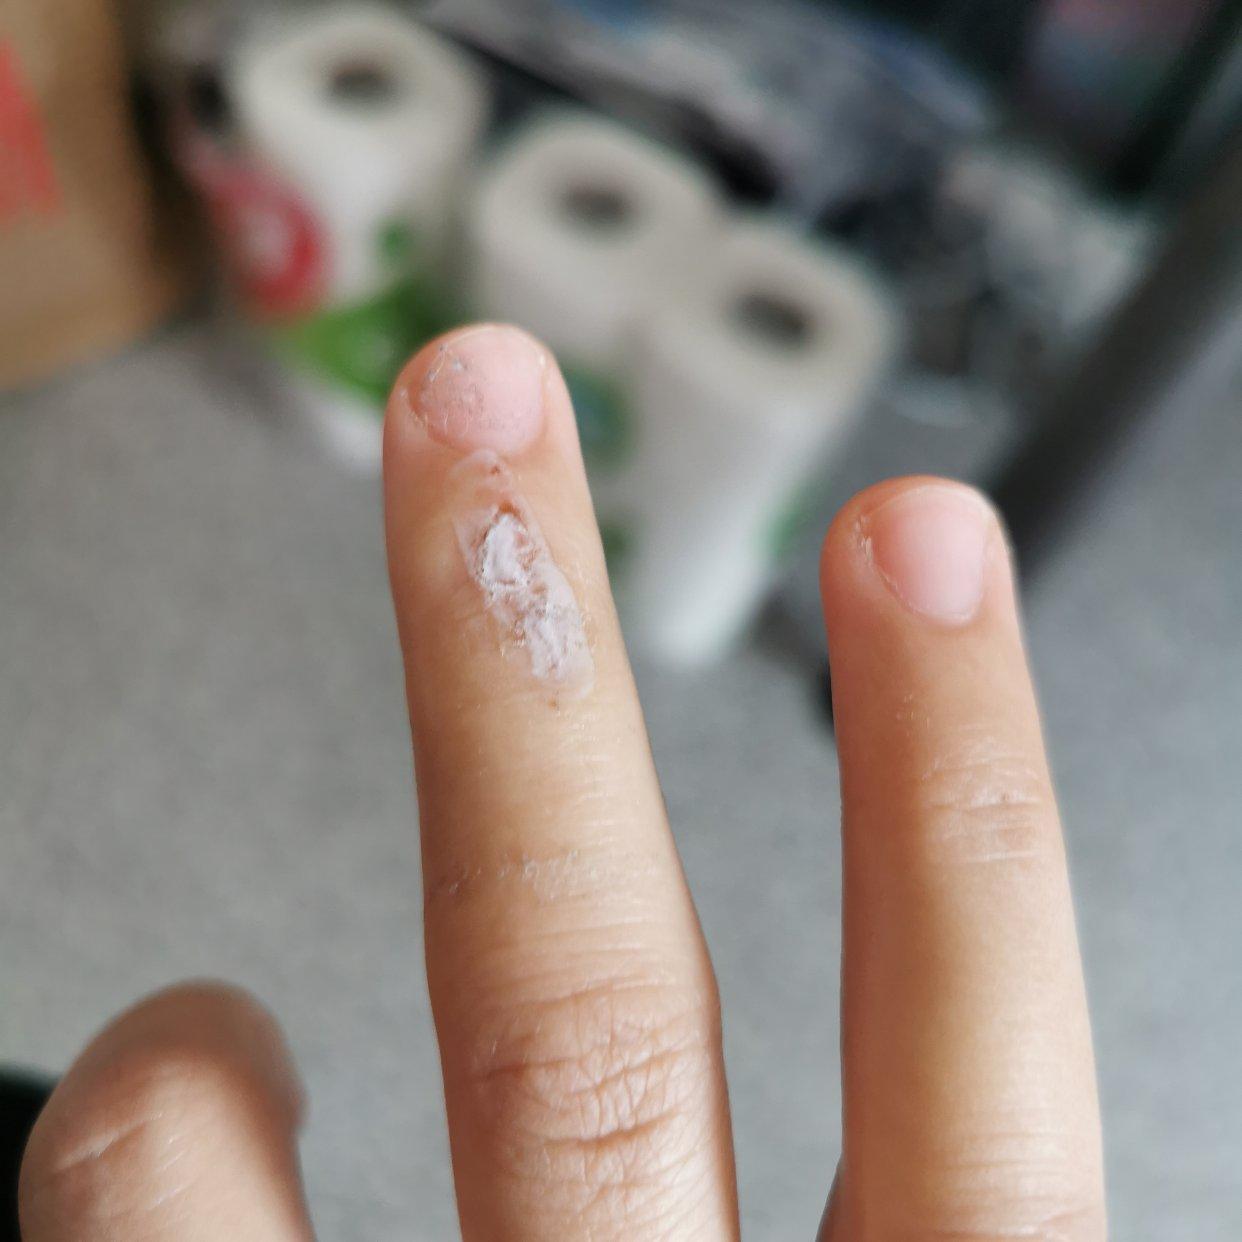 经常磕磕碰碰手容易有小伤口的小伙伴看过来~